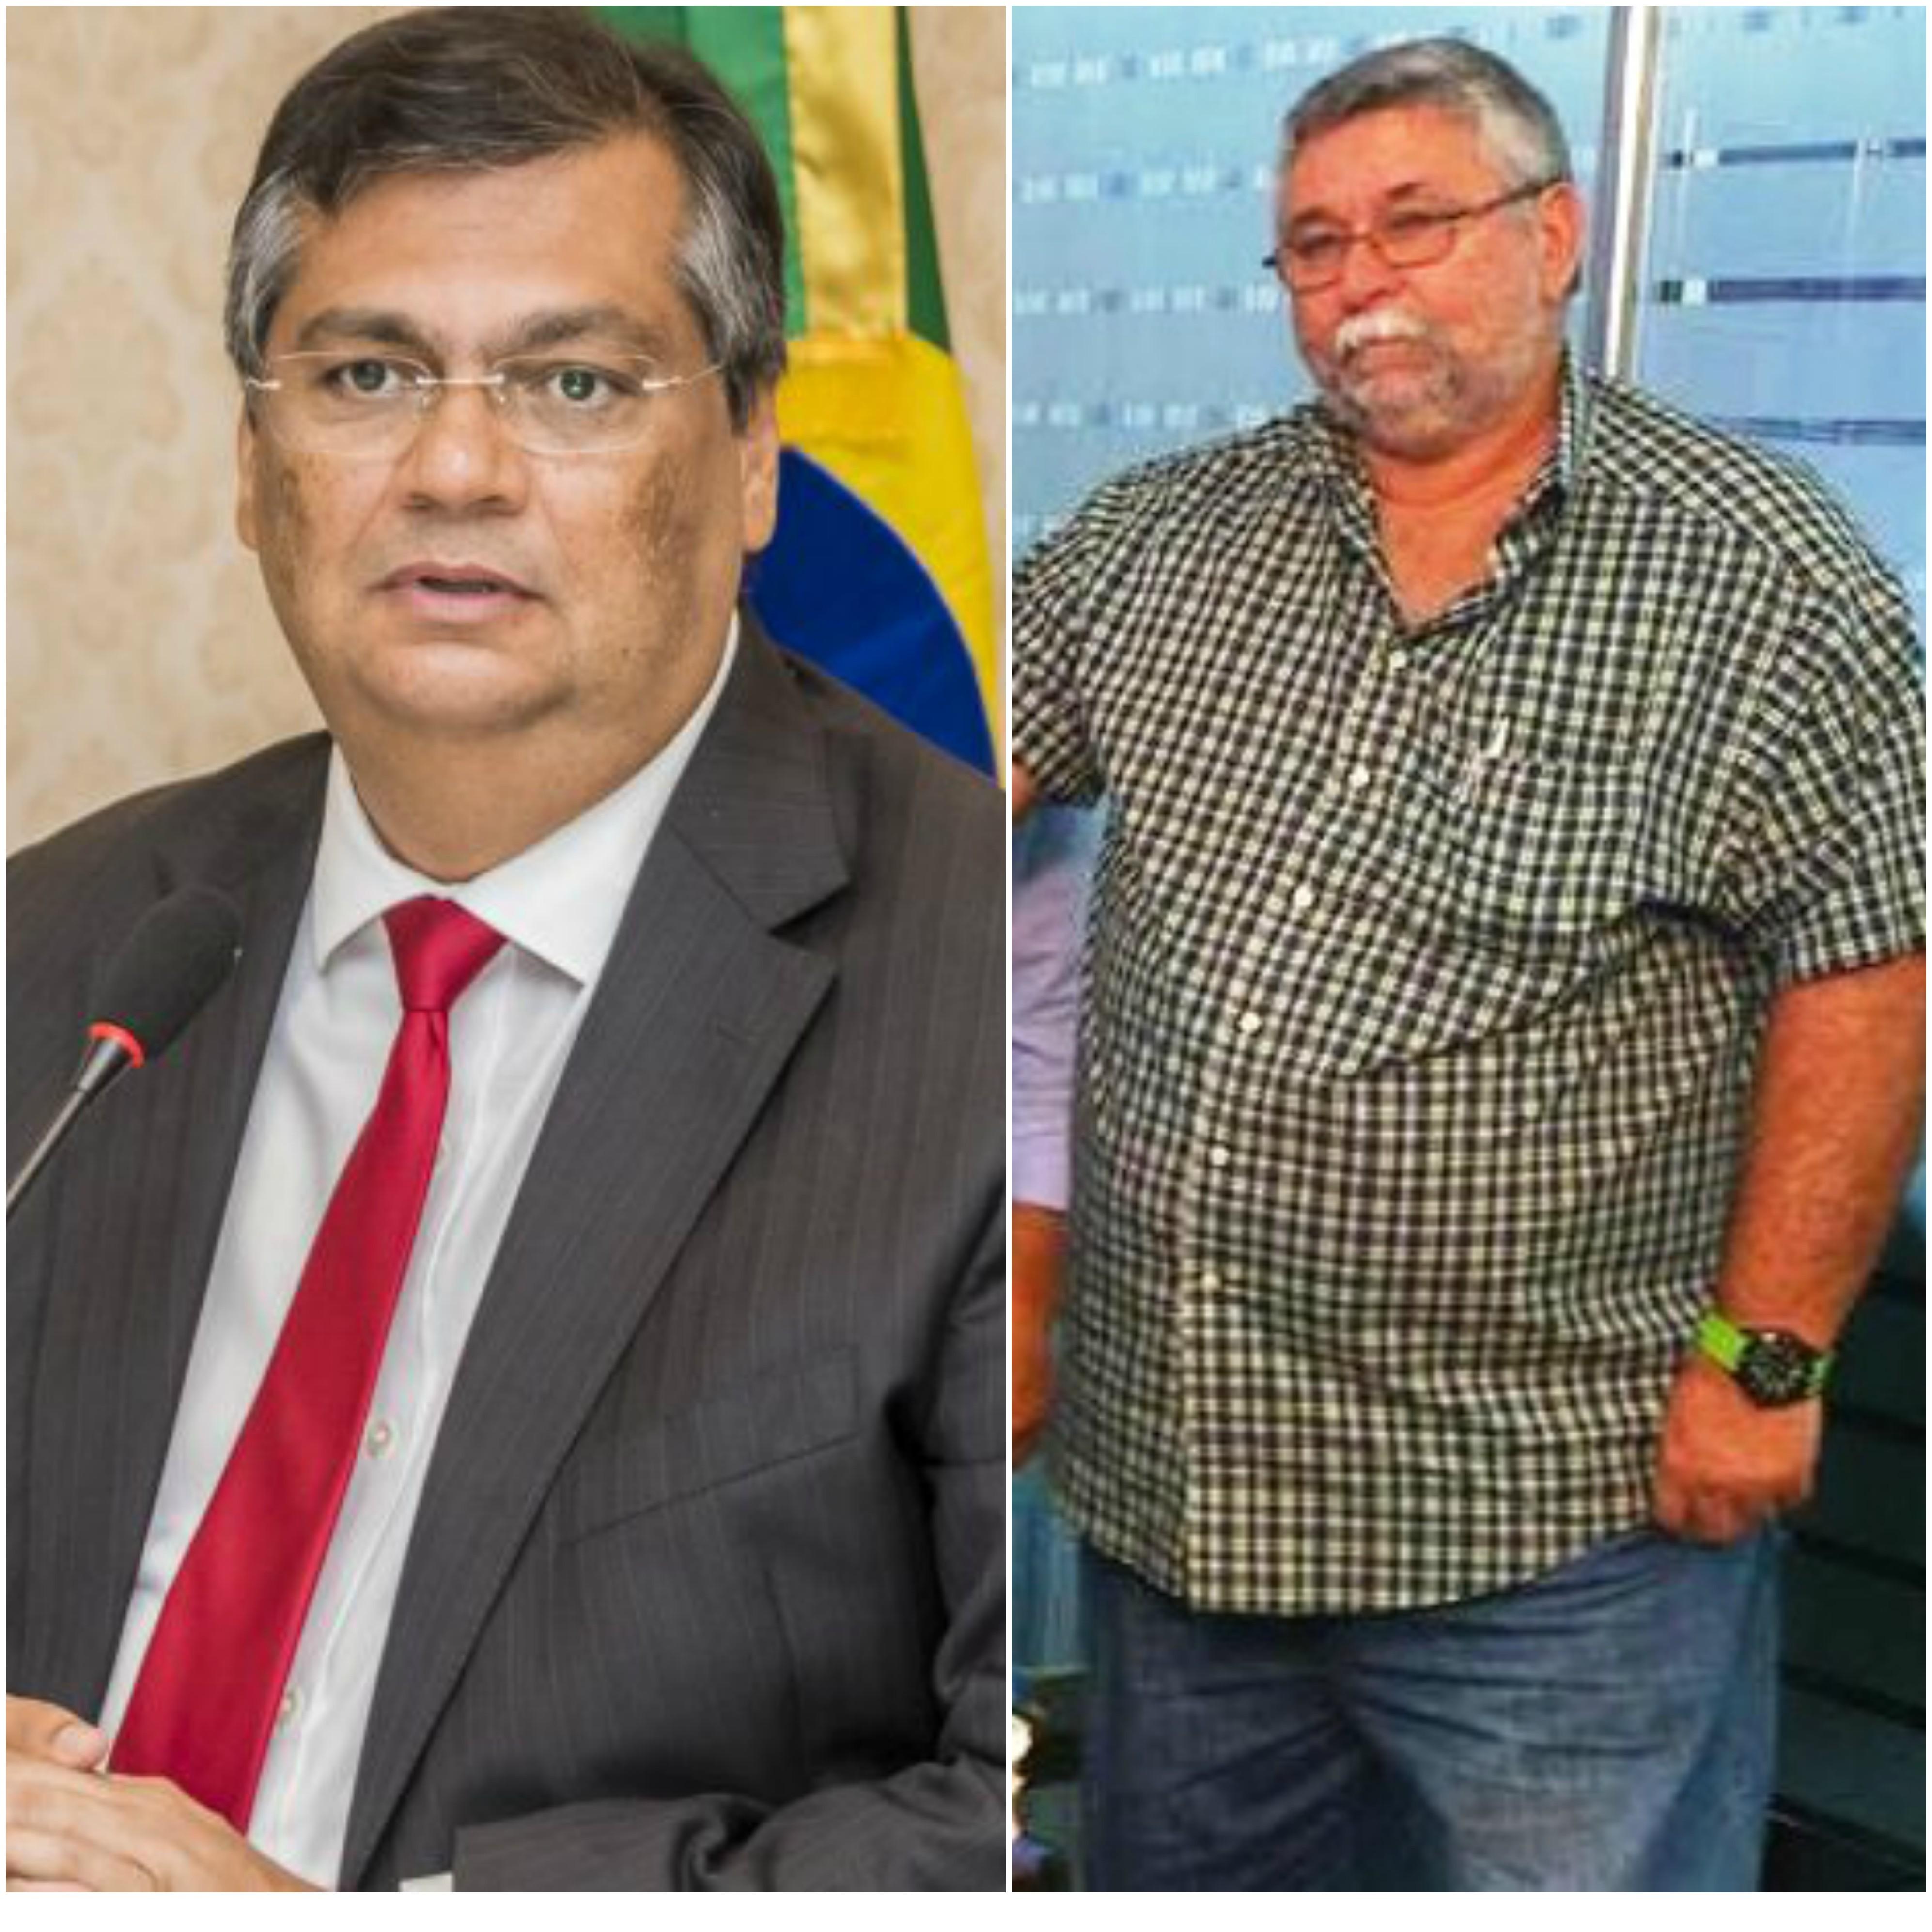 Flávio Dino e Fernandão Edeconsil na mira do MP.